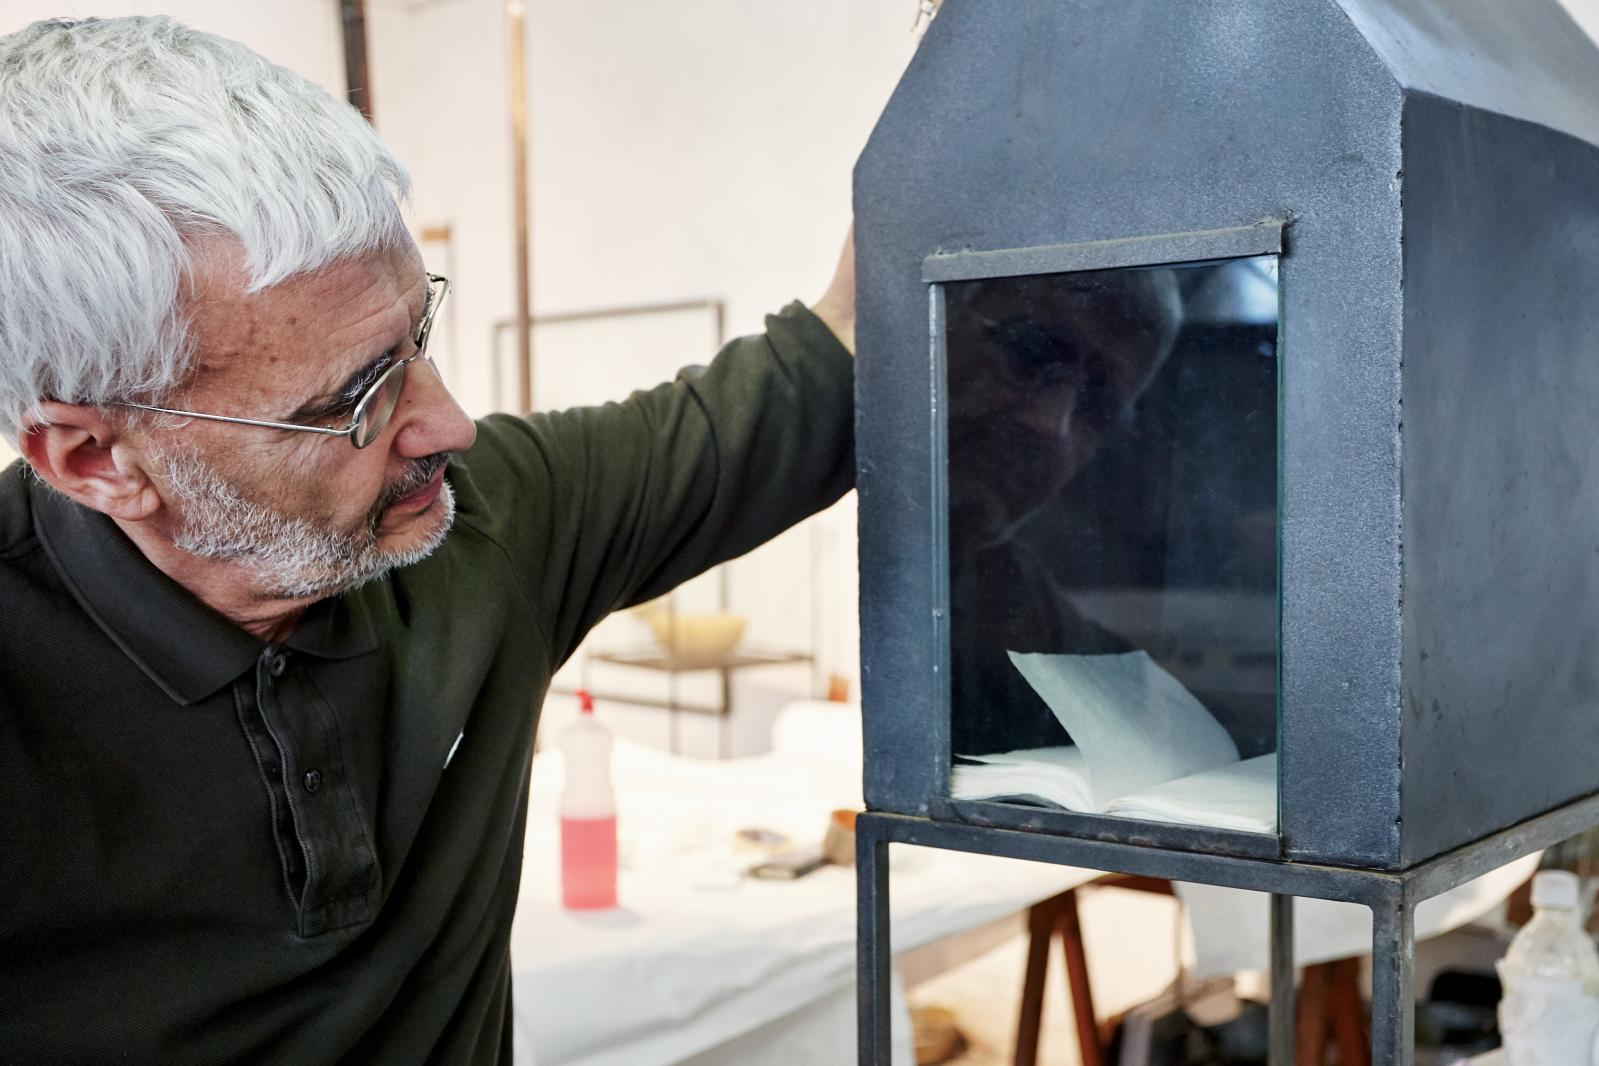 Gregorio Botta dans son atelier. ©Simon d'Exea